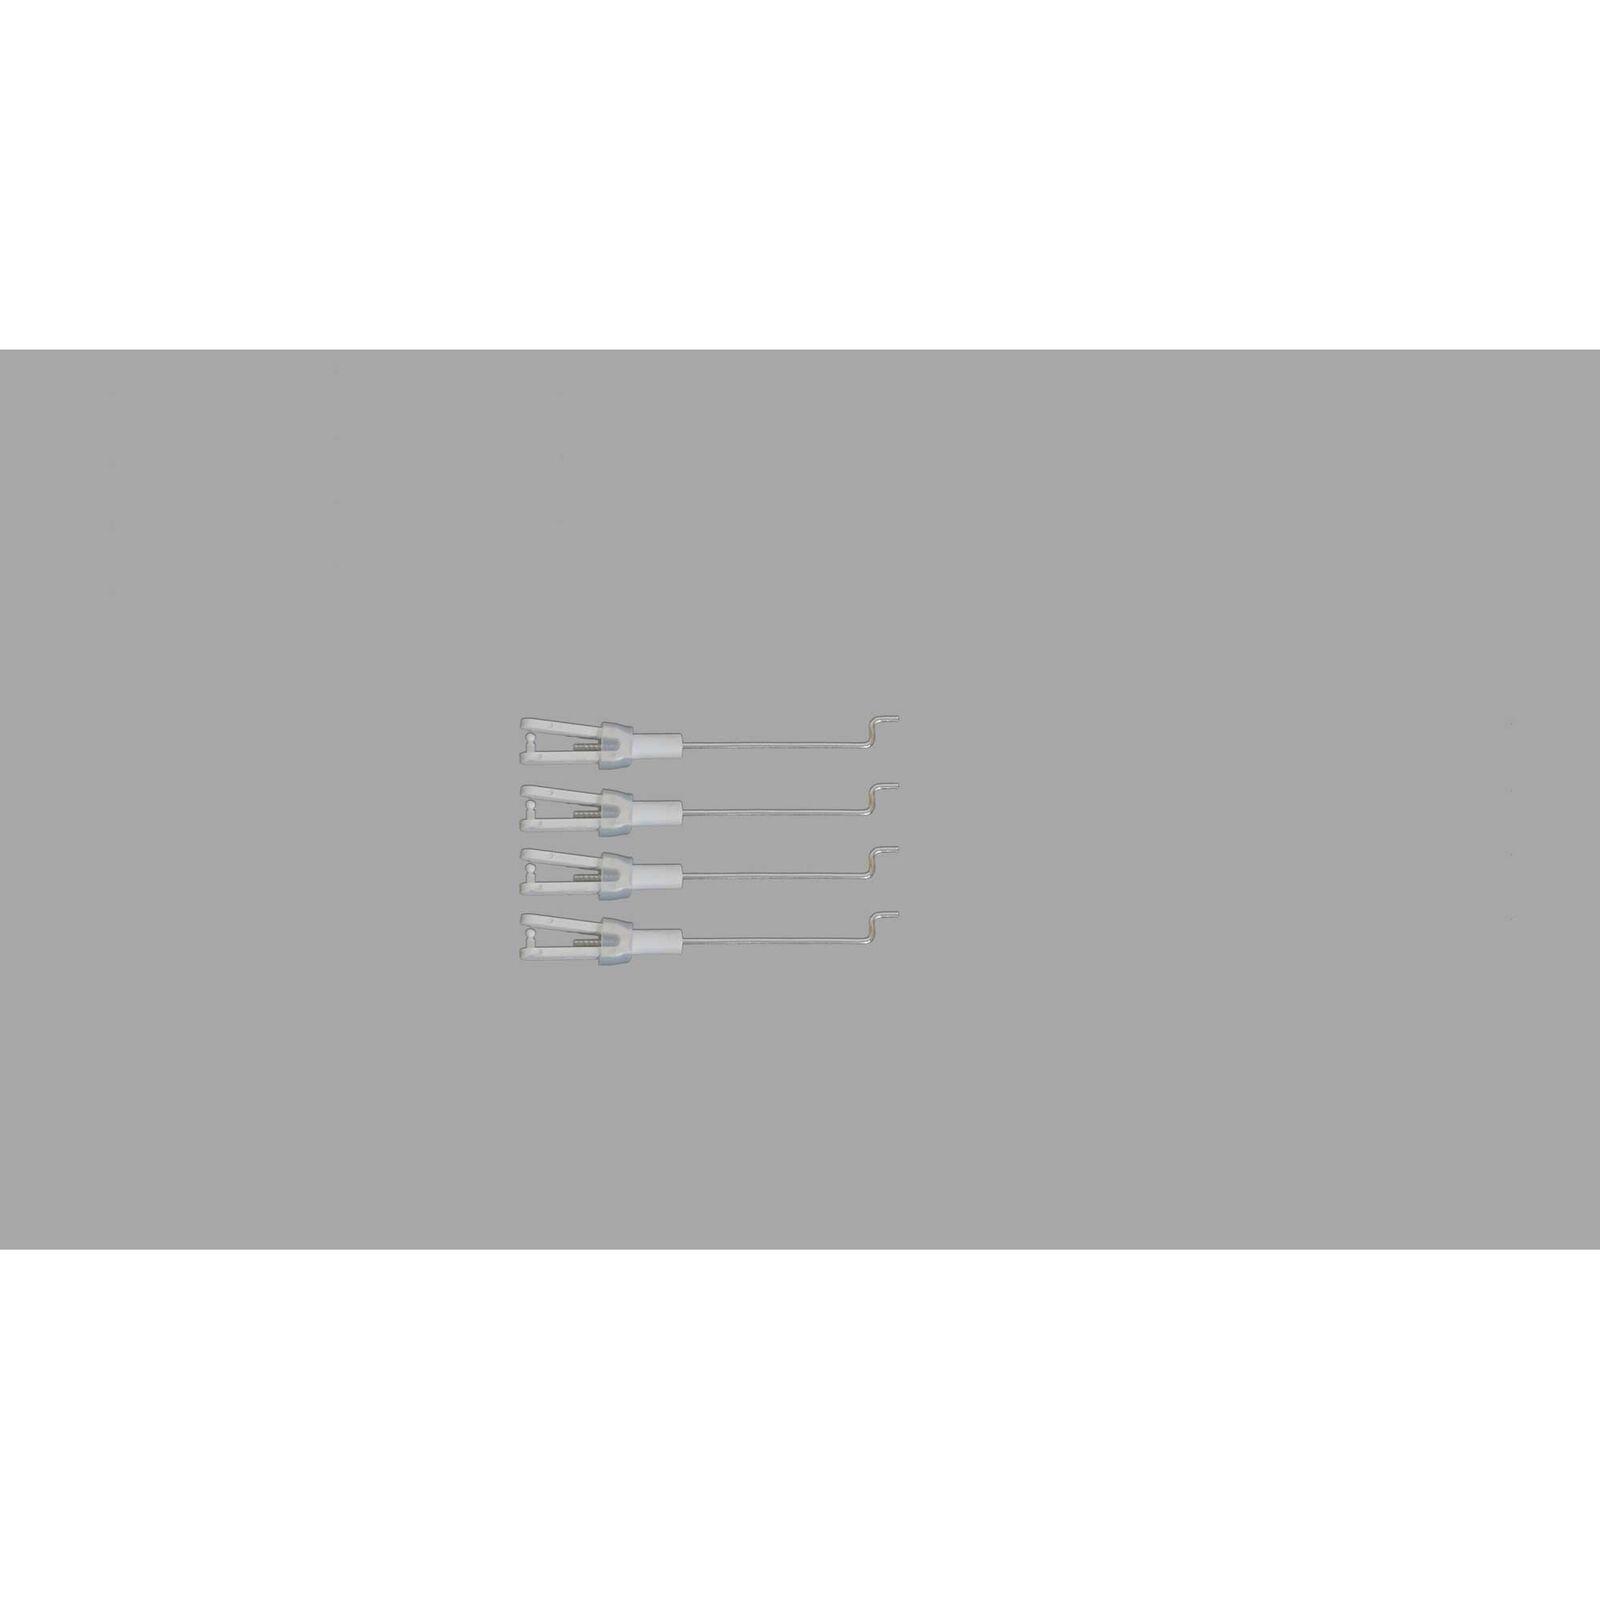 Linkage Rods: Easy Trainer 1280 V2